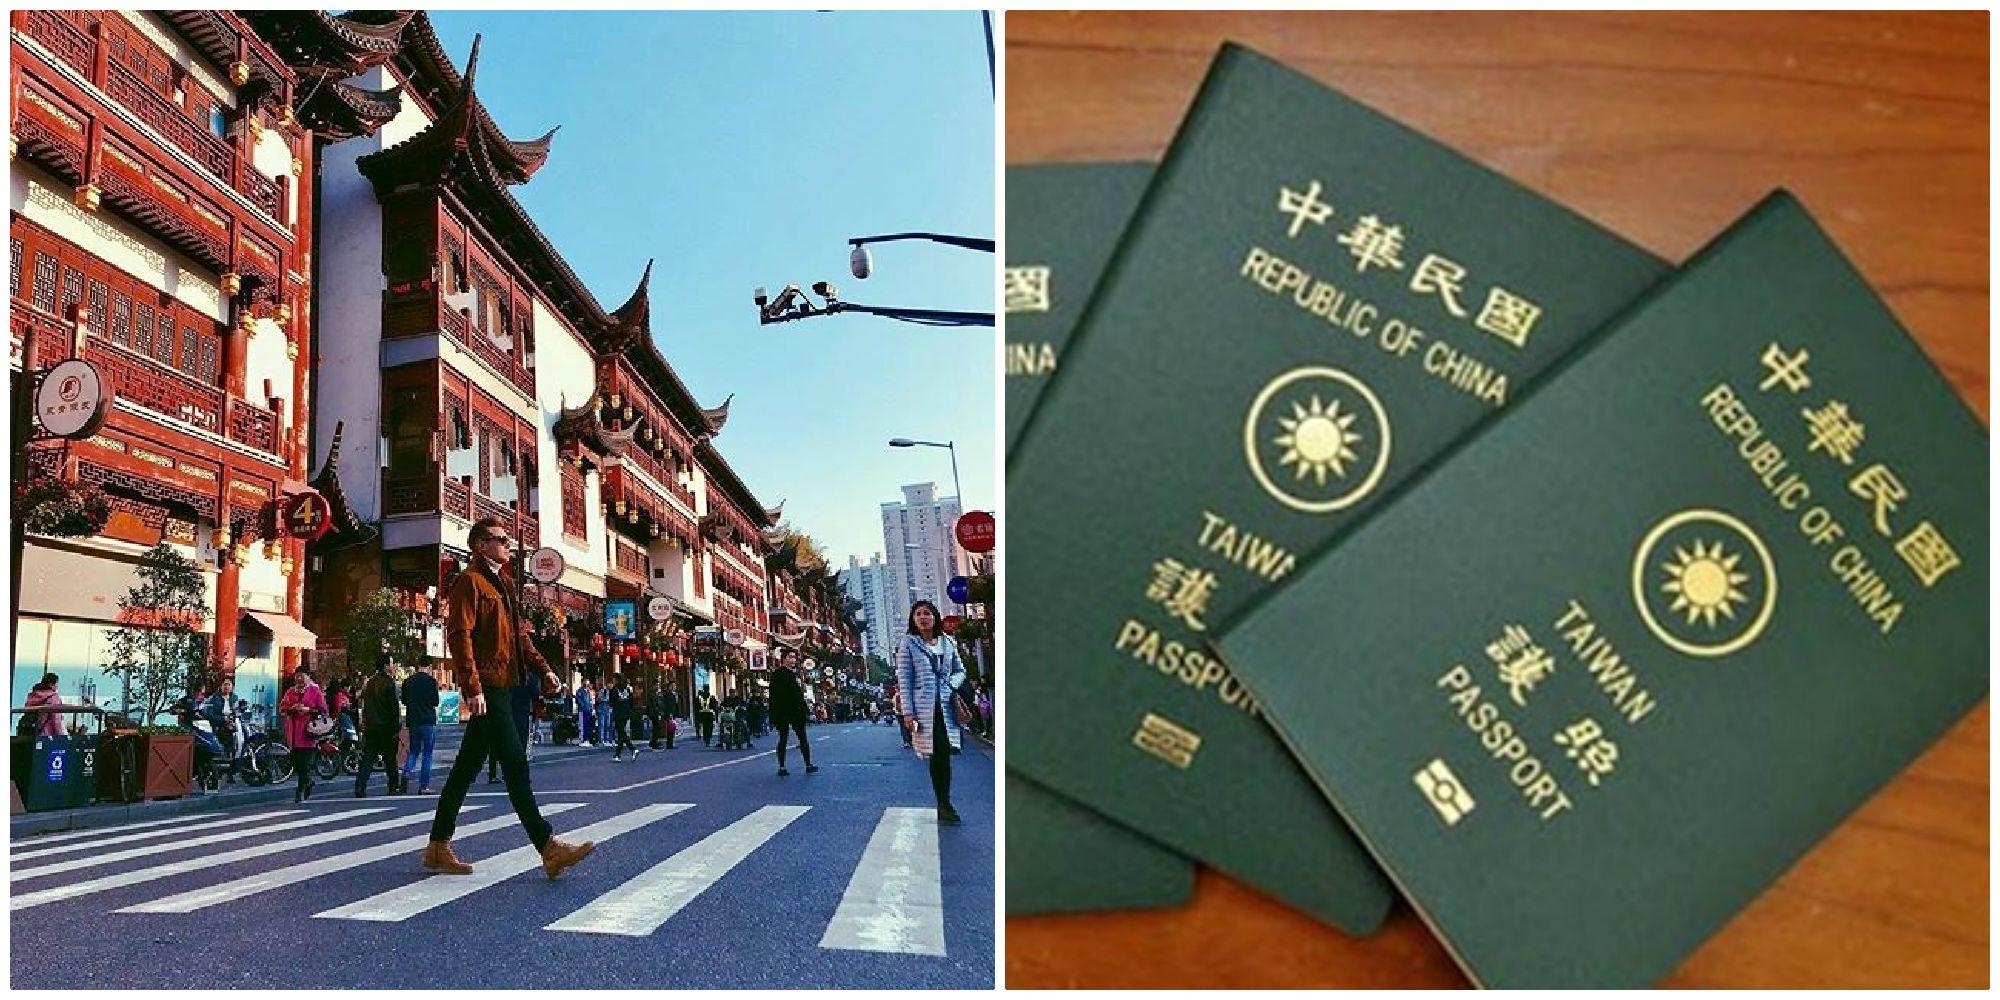 Đài Loan chính thức siết chặt điều kiện miễn visa cho du khách Việt, đi đã khó về càng khó hơn!